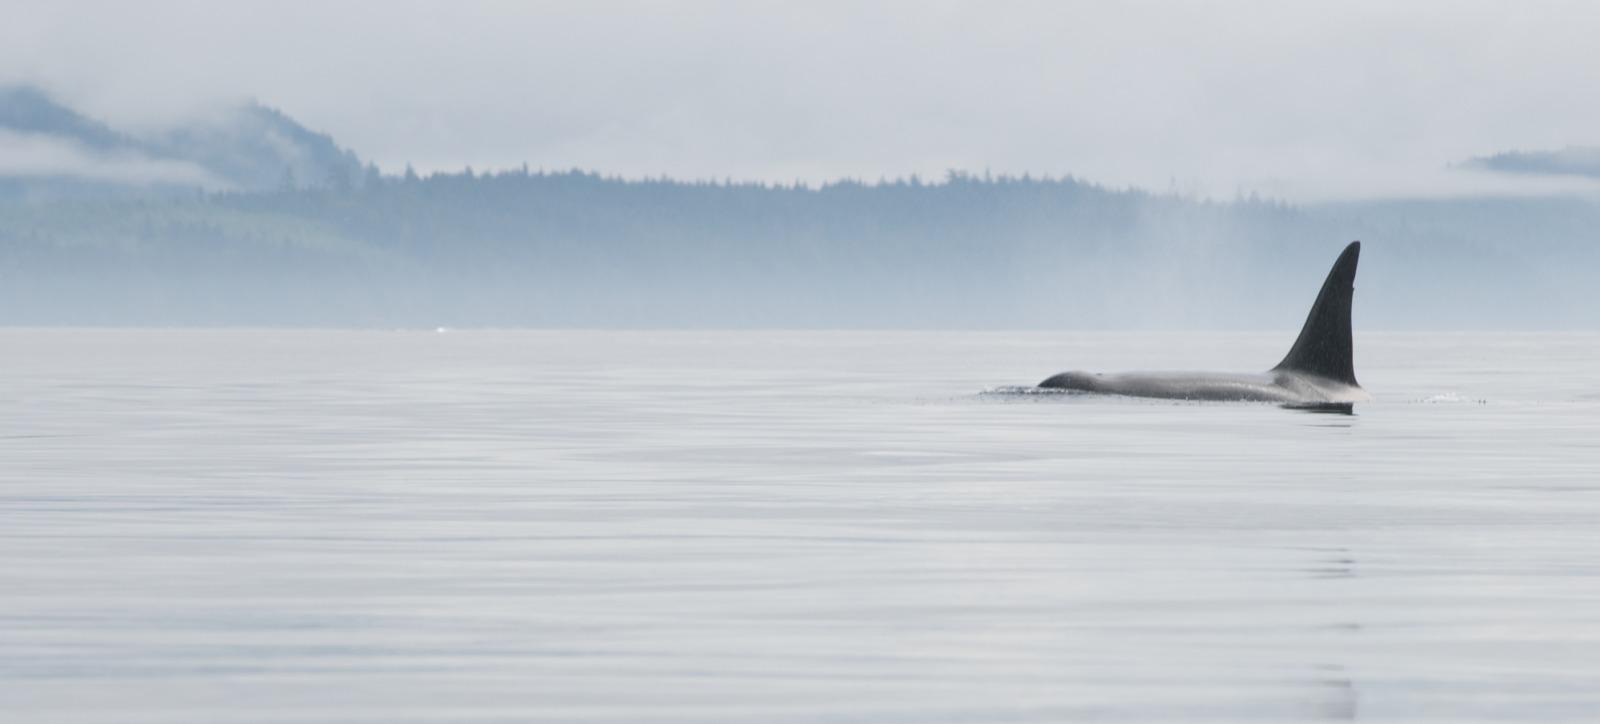 Orca on a calm day